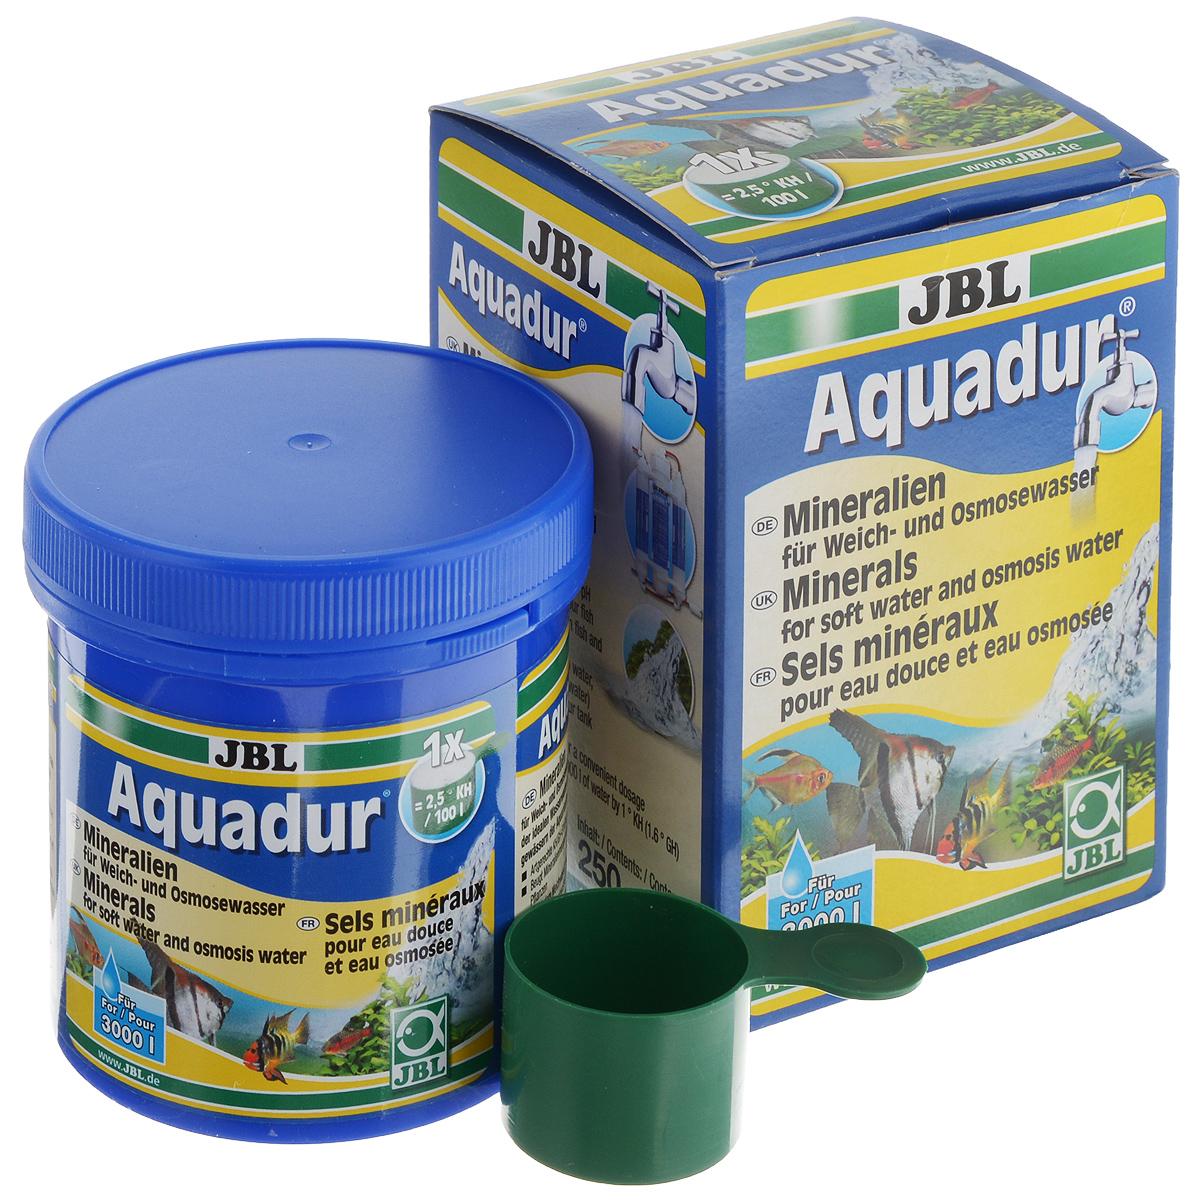 Набор минеральных солей JBL Aquadur, для увеличения KH и стабилизации pH, с мерной ложкой, 250 гJBL2490200JBL Aquadur - это смесь минералов, которая содержит вещества, выравнивающие как карбонатную, так и общую жесткость воды. Состав смеси ориентируется на распределение ионов во многих тропических водоемах. JBL Aquadur отлично подходит для надежного повышения карбонатной и общей жесткости воды любой степени мягкости. Тем самым повышается буферная емкость, что стабилизирует значение ph и предотвращает его падение до опасного уровня.Другие микроэлементы, незаменимые прежде всего для микроорганизмов, важных для аквариума, превращают мягкую воду, подготовленную с помощью средства JBL Aquadur, в идеальную исходную воду для содержания и разведения всех видов аквариумных рыб.Набор рассчитан на 3000 л аквариумной воды. В комплект входит мерная ложка. Товар сертифицирован.